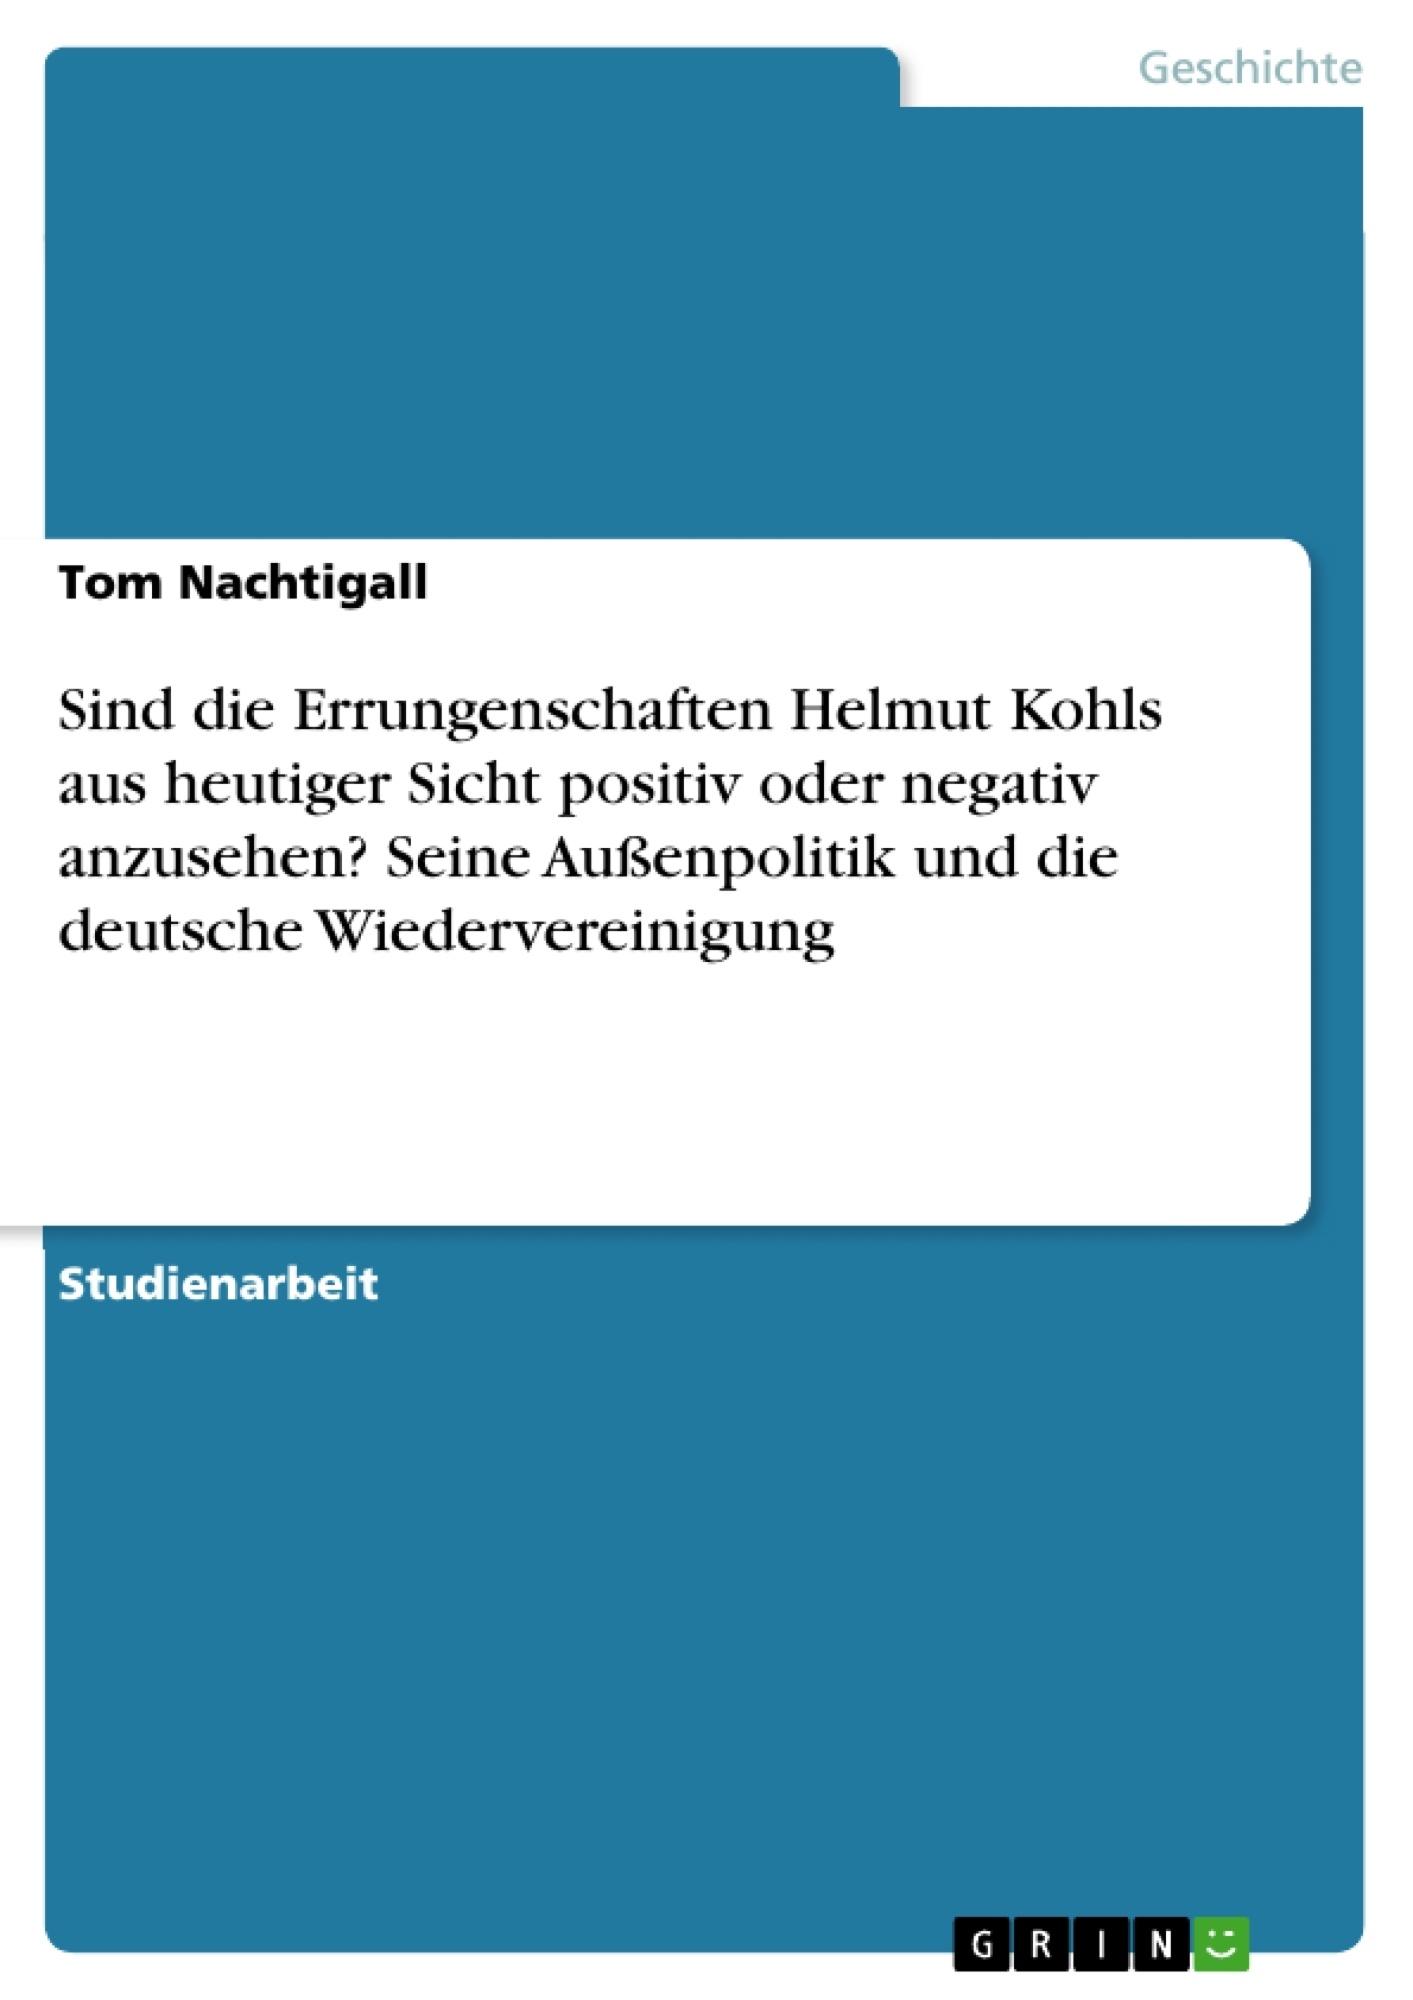 Titel: Sind die Errungenschaften Helmut Kohls aus heutiger Sicht positiv oder negativ anzusehen? Seine Außenpolitik und die deutsche Wiedervereinigung